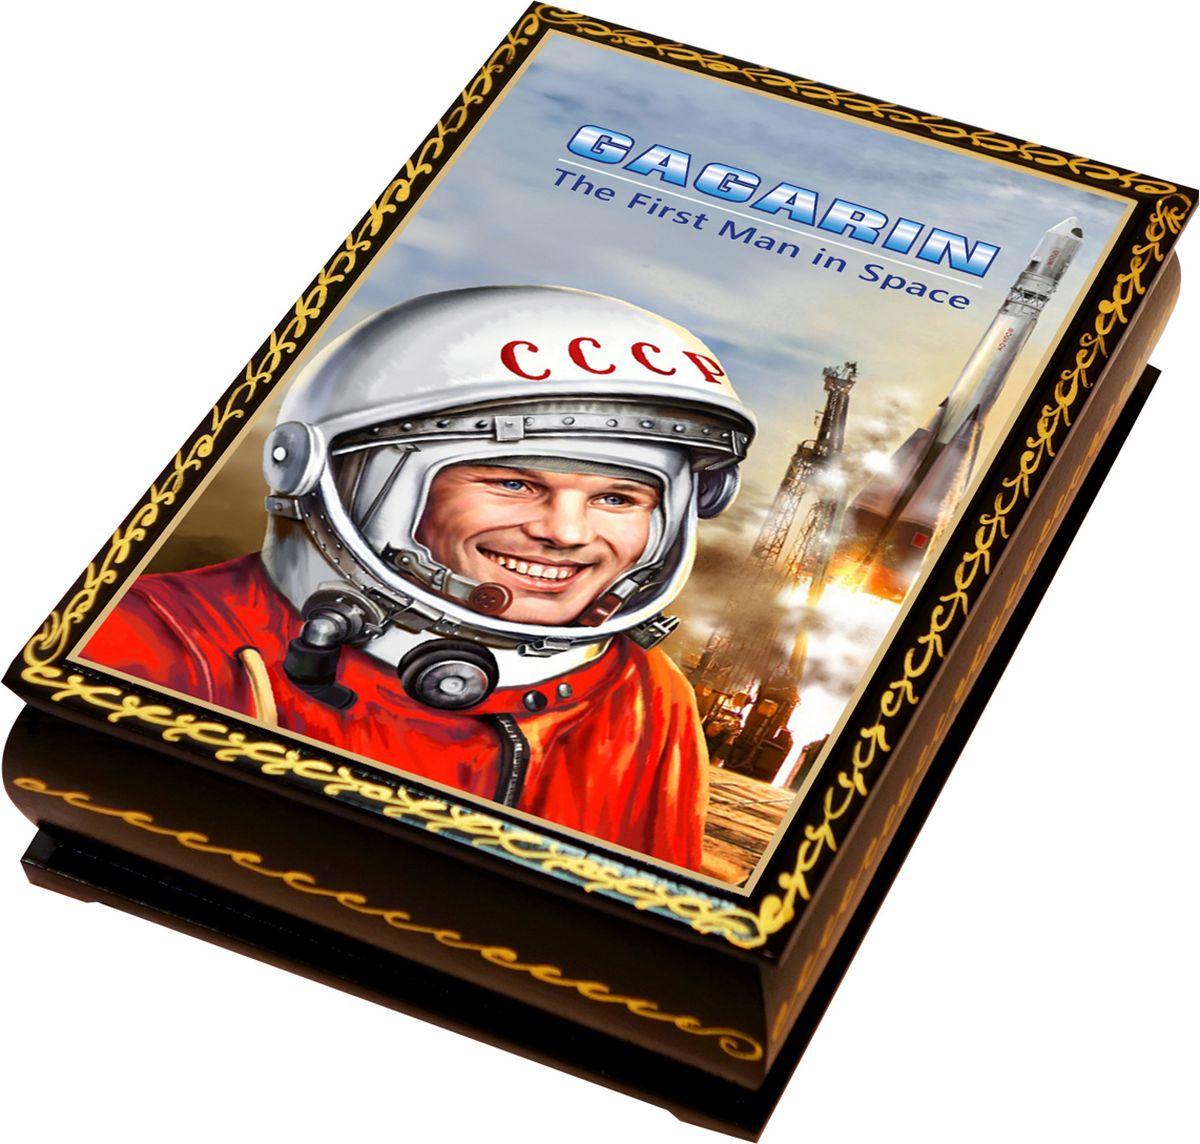 Кремлина Гагарин Ю. А. чернослив шоколадный с грецким орехом конфеты, 150 г шоколадный слиток молочный десертный 500 г